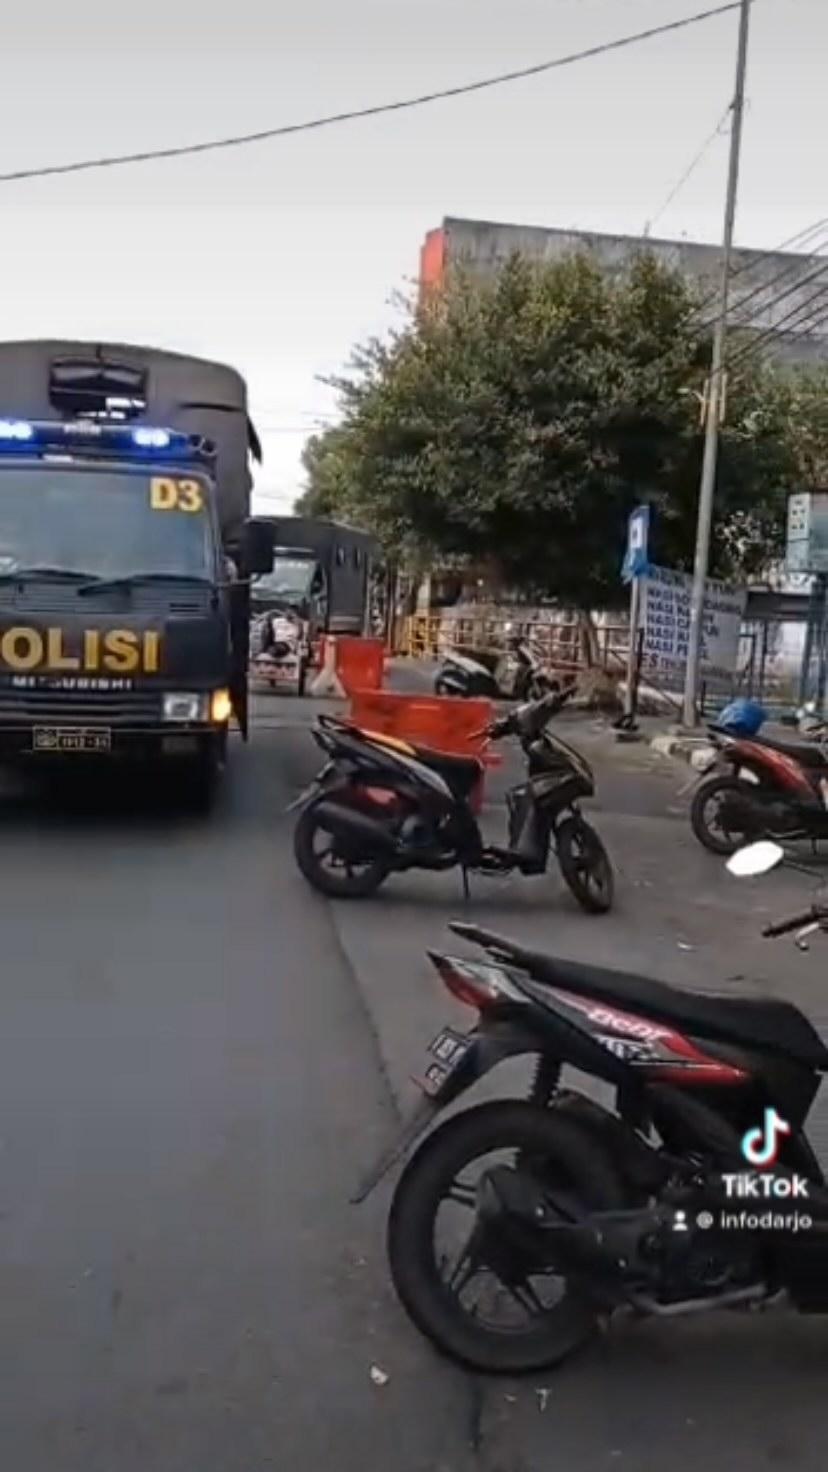 Penerapan peraturan PPKM Darurat siang ini di Jl Gadjah Mada Sidoarjo.  #sidoarjo #infodarjo #i…